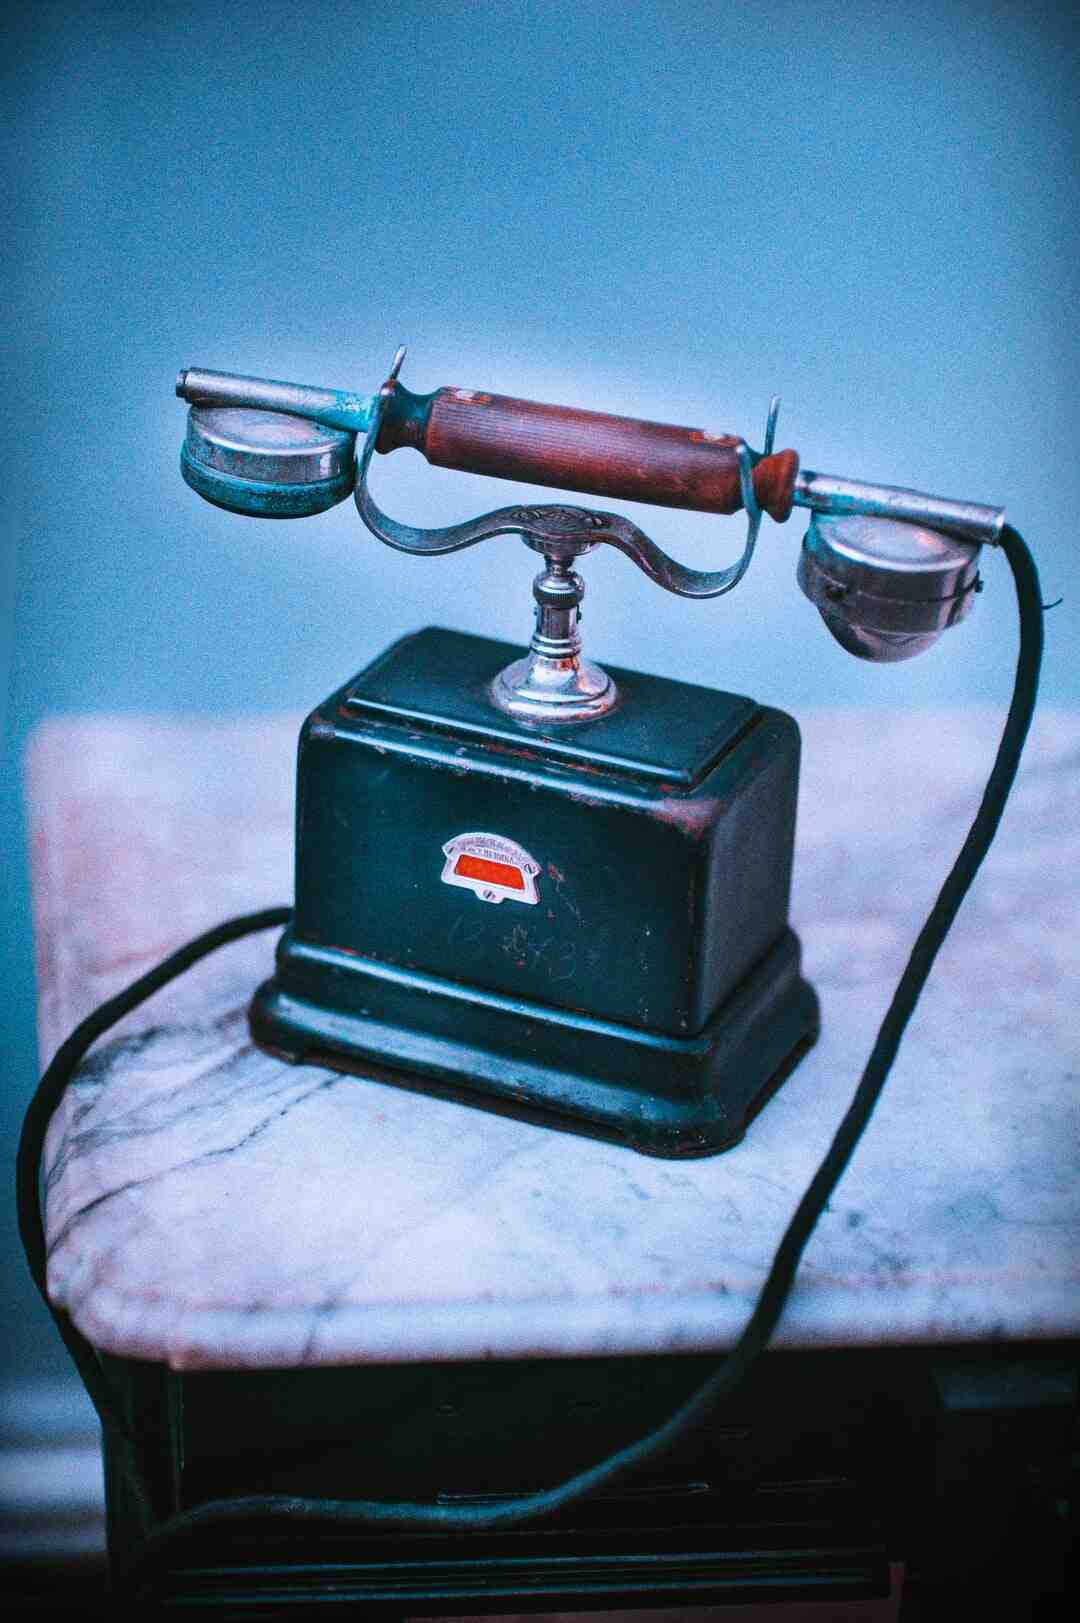 How do you set up a landline phone?